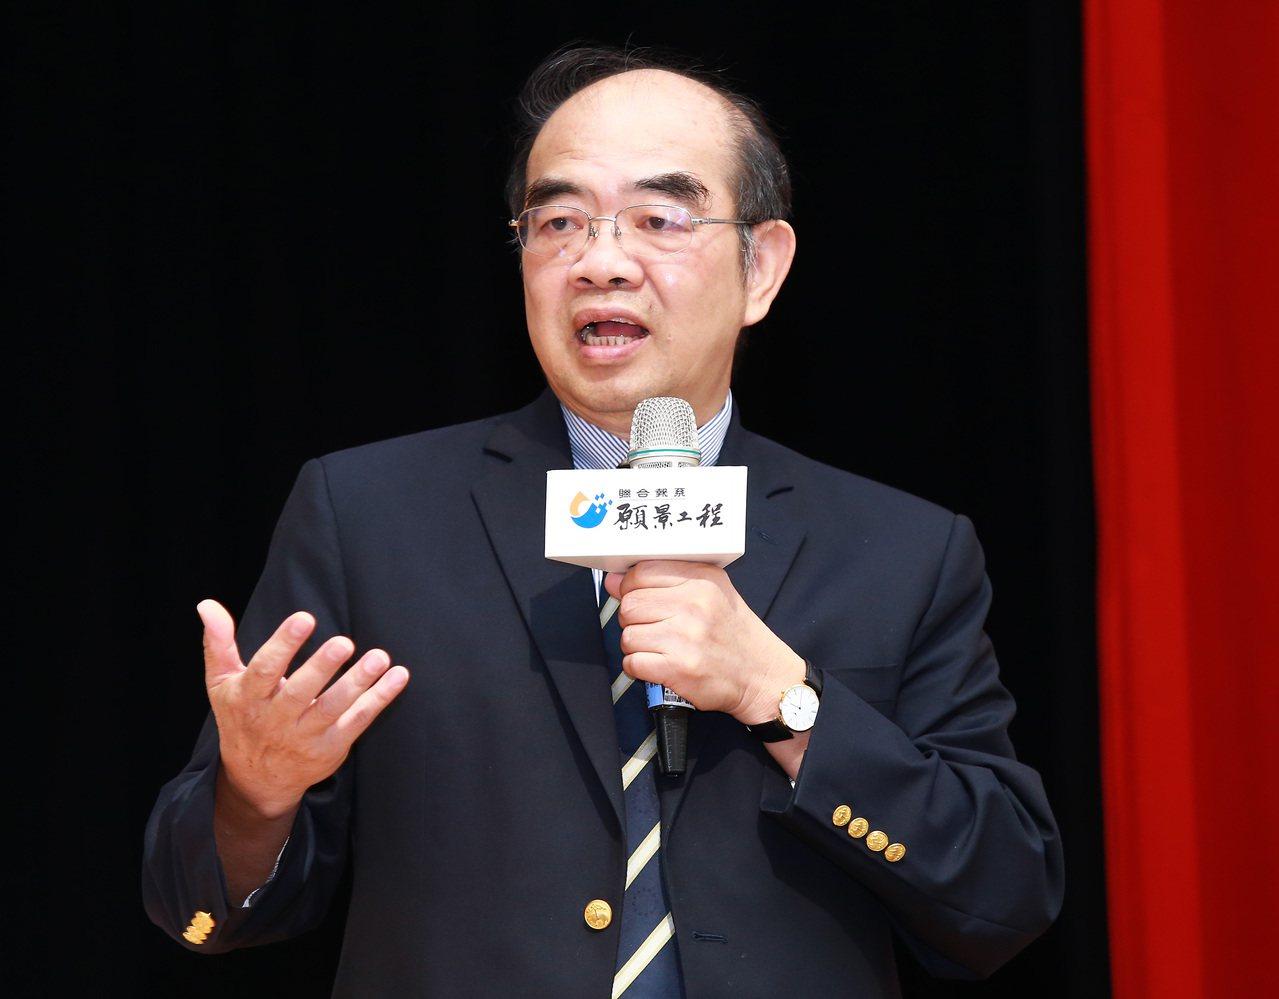 前東華大學校長吳茂昆。記者陳柏亨/攝影